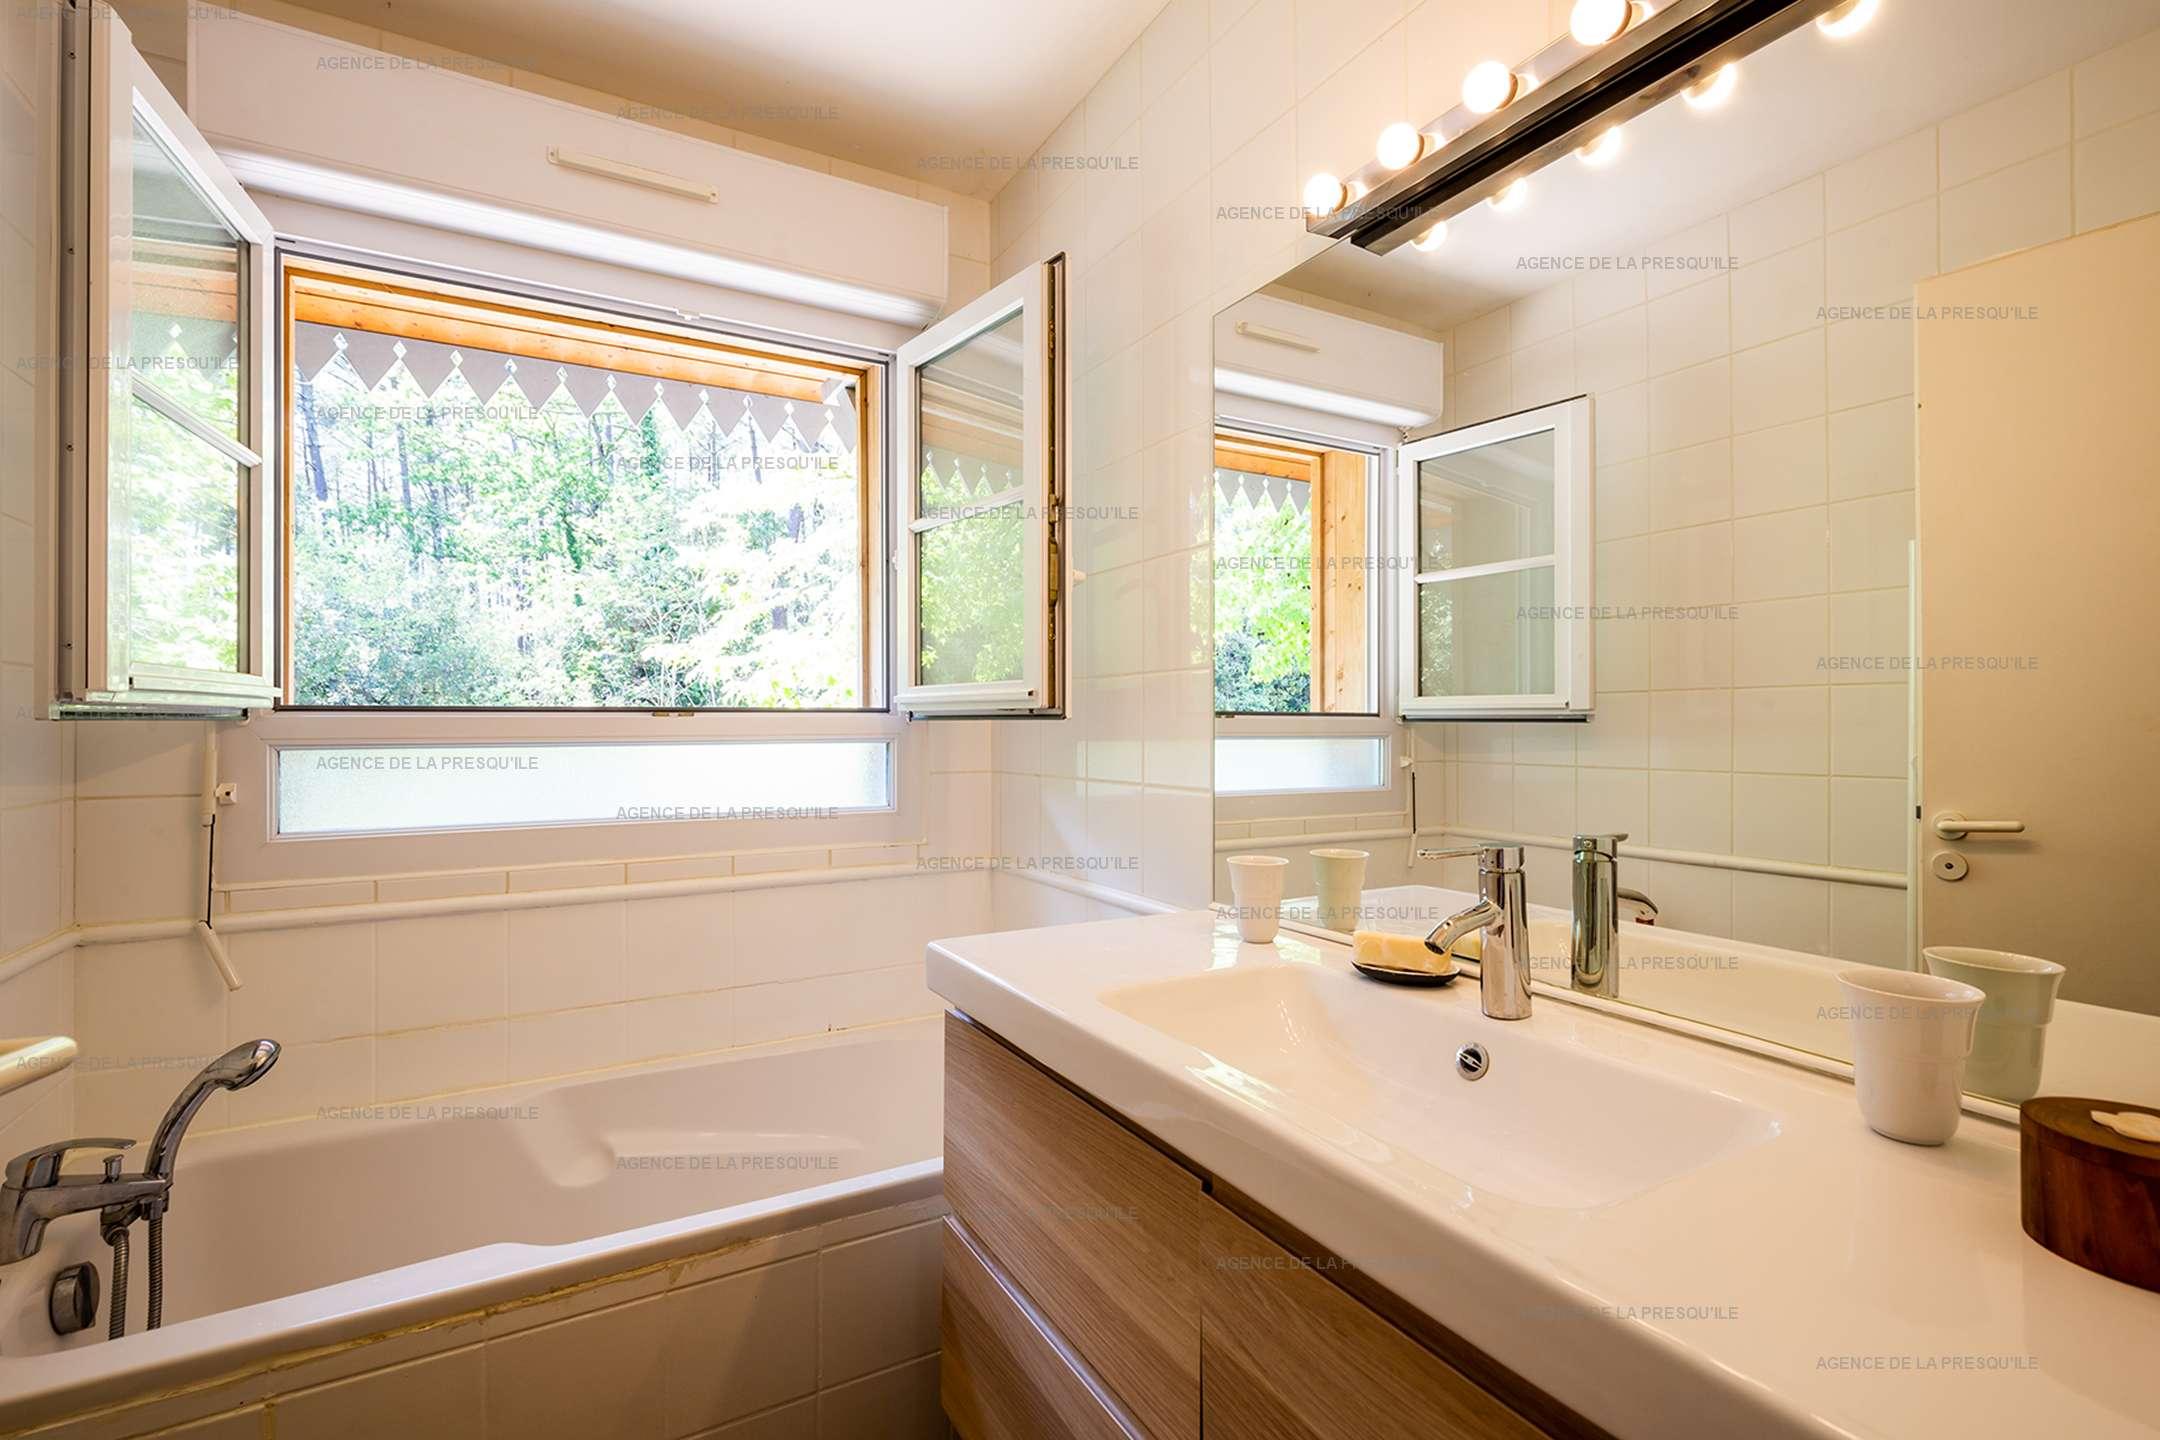 Location: Très jolie villa en bordure de forêt avec piscine 11